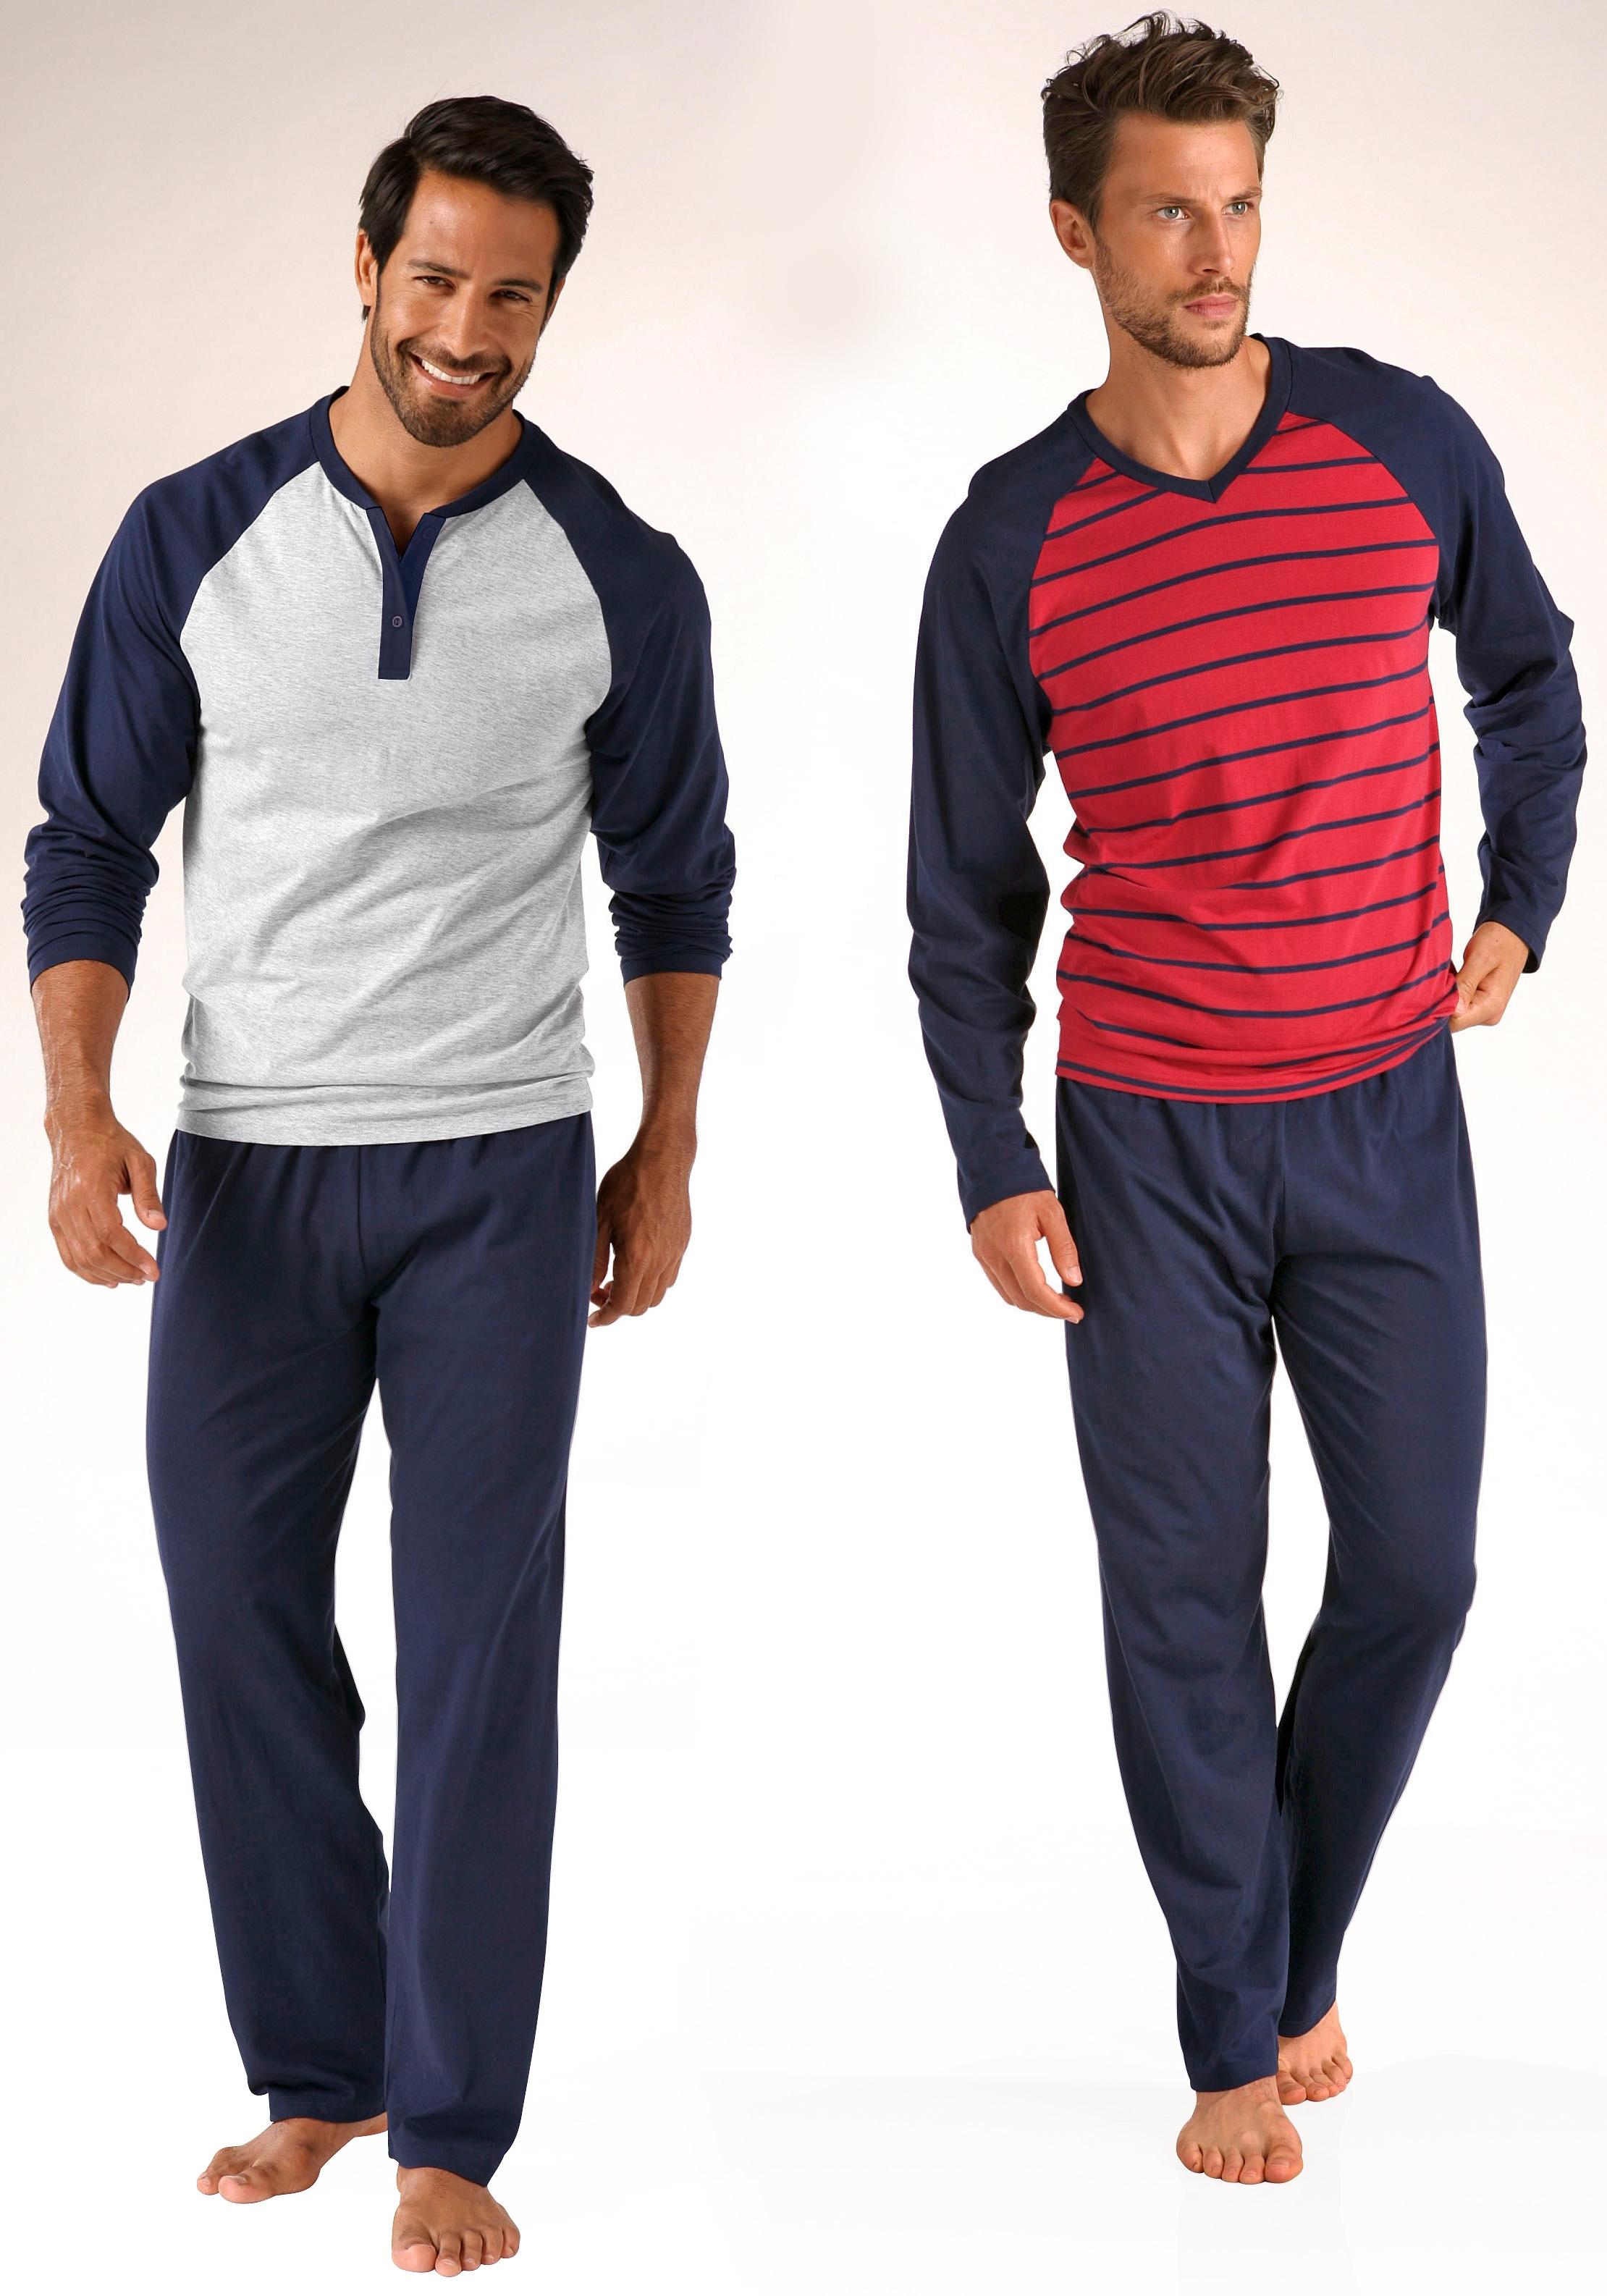 le jogger® pyjama (set van 2), in lang model, met raglanmouwen, van puur katoen bestellen: 14 dagen bedenktijd